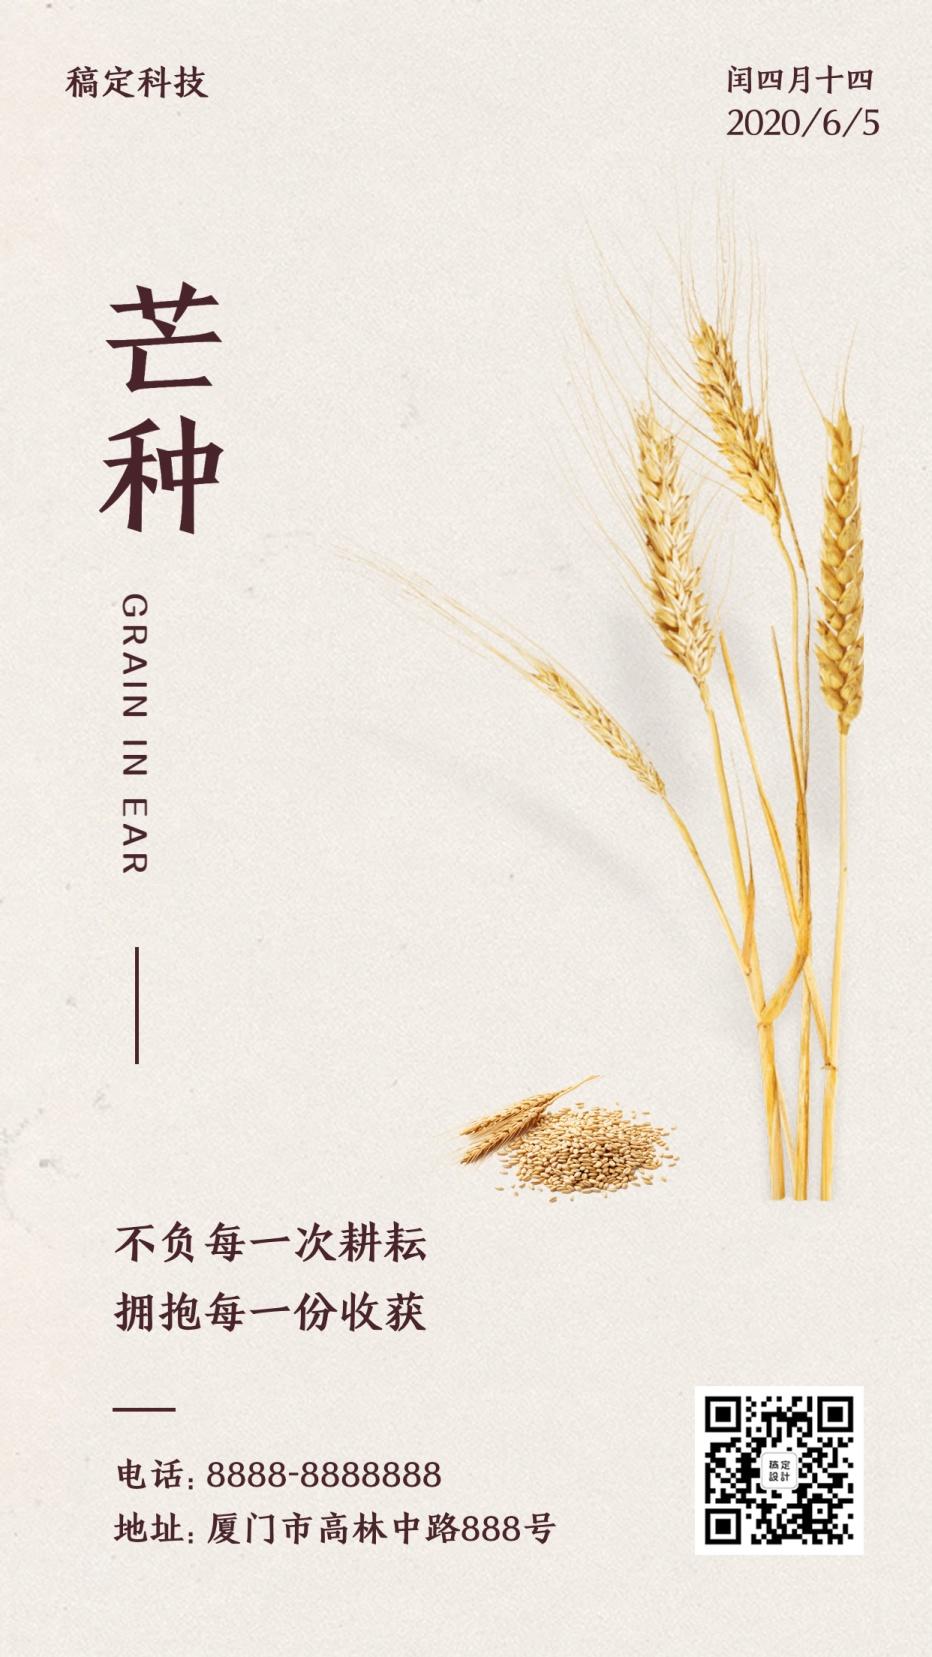 芒种节气稻穗排版合成手机海报